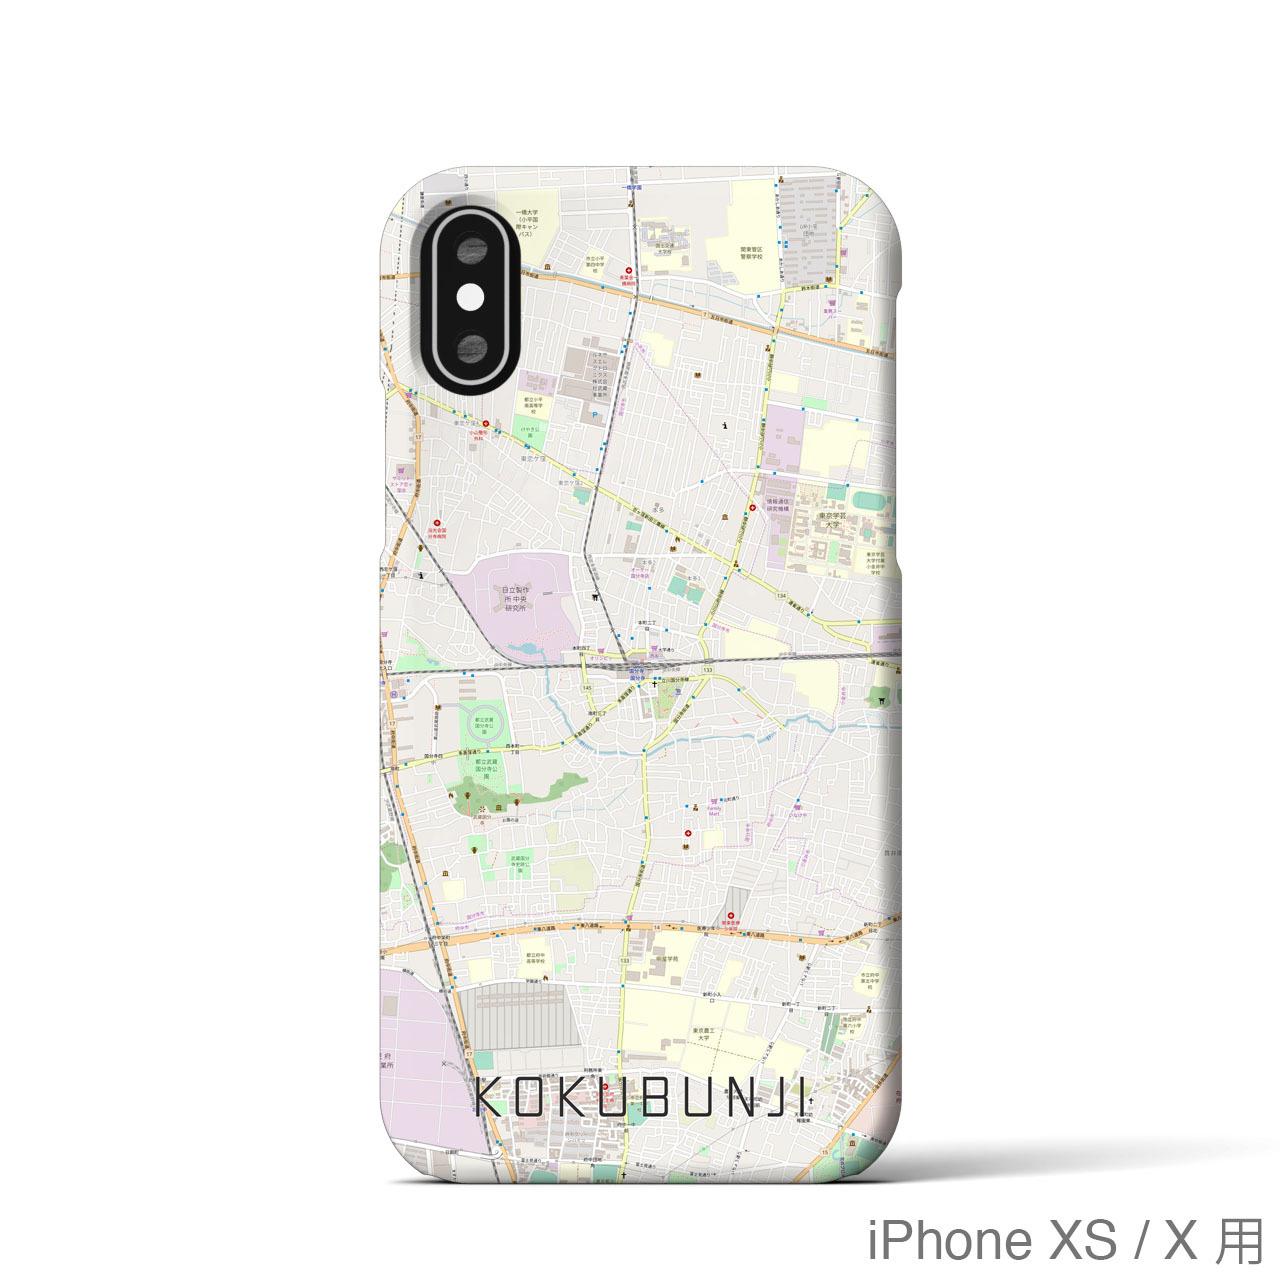 【国分寺】地図柄iPhoneケース(バックカバータイプ・ナチュラル)